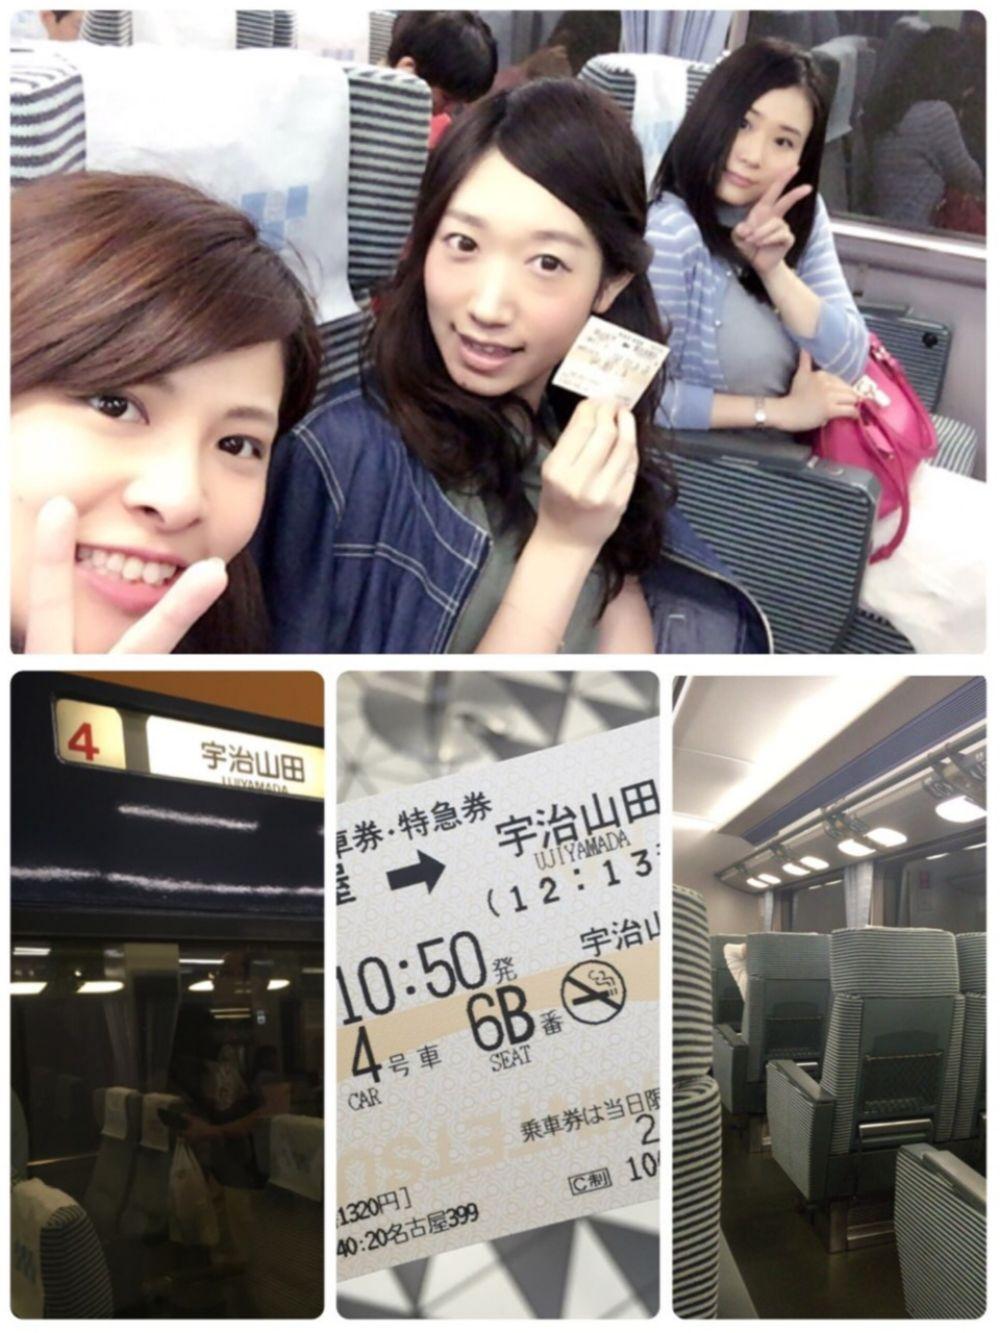 三重女子旅特集 - 伊勢神宮や志摩など人気の観光スポット、おすすめグルメ・ホテルまとめ_4